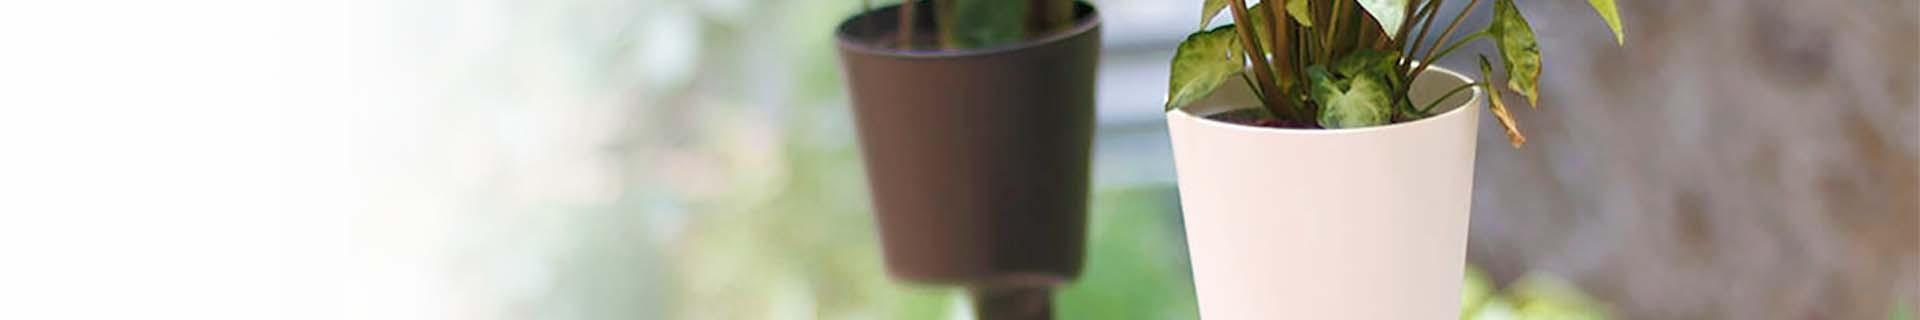 Plantes packs